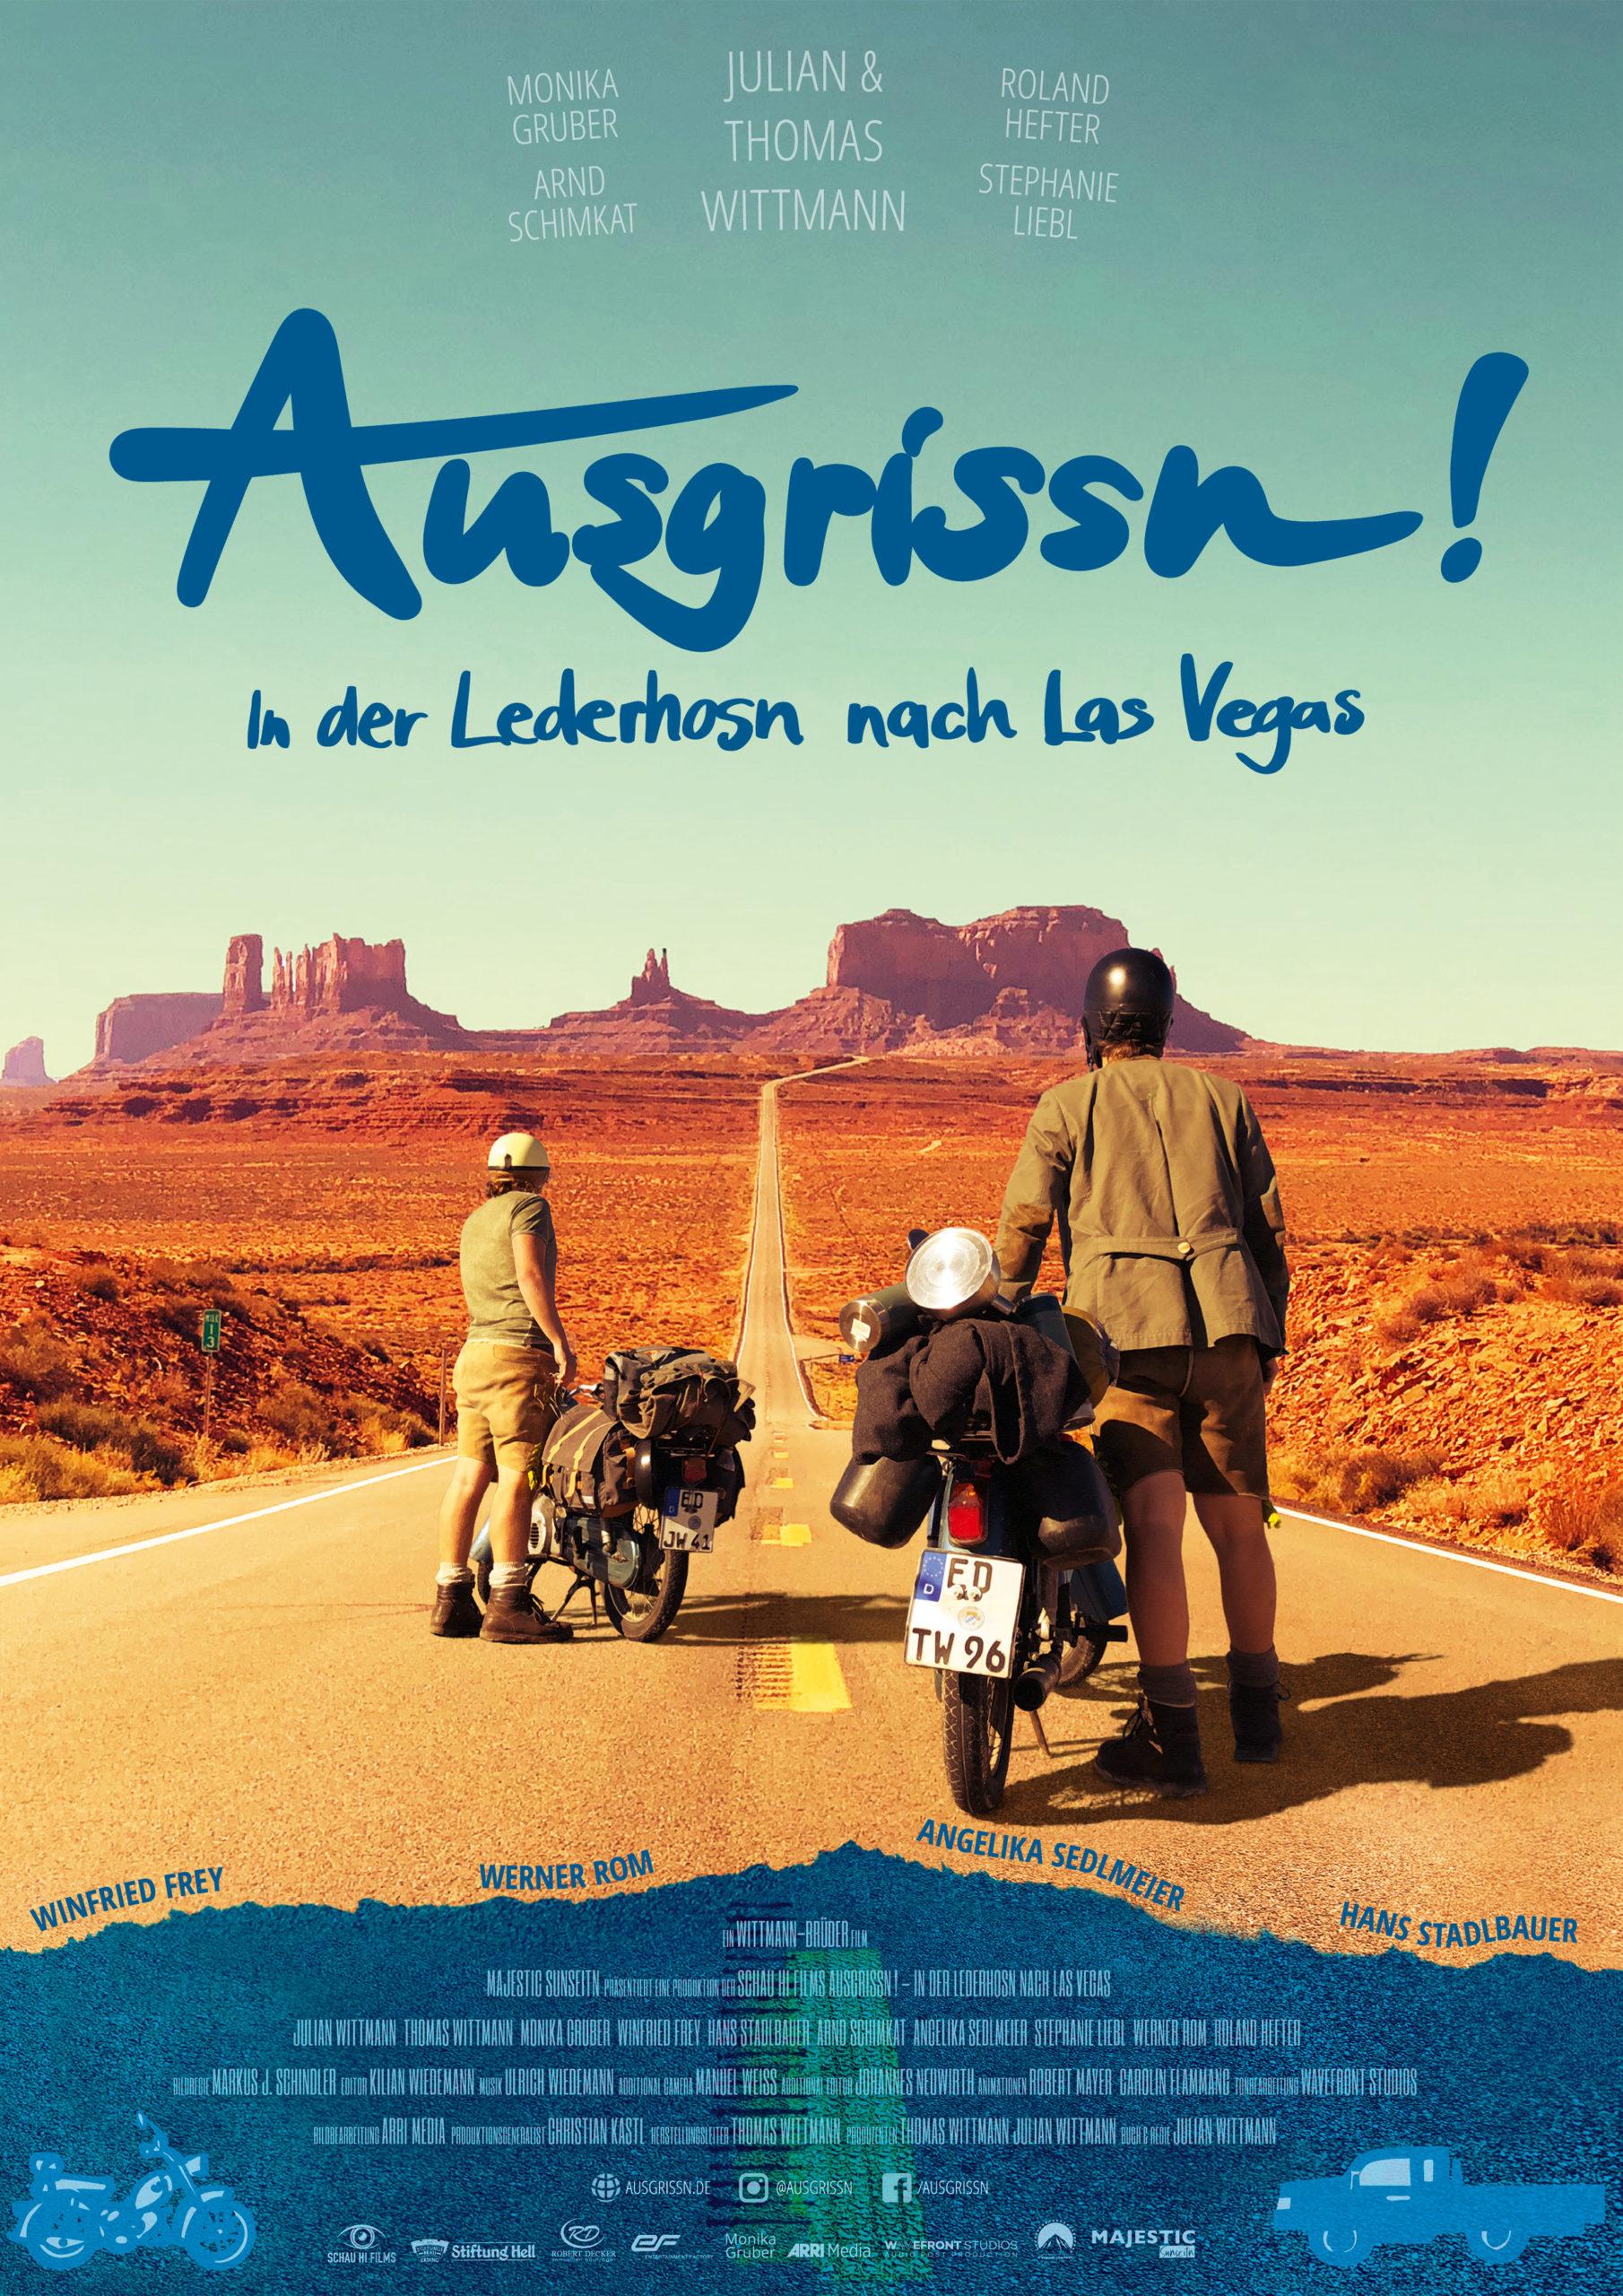 Poster Ausgrissn! In der Lederhosn nach Las Vegas